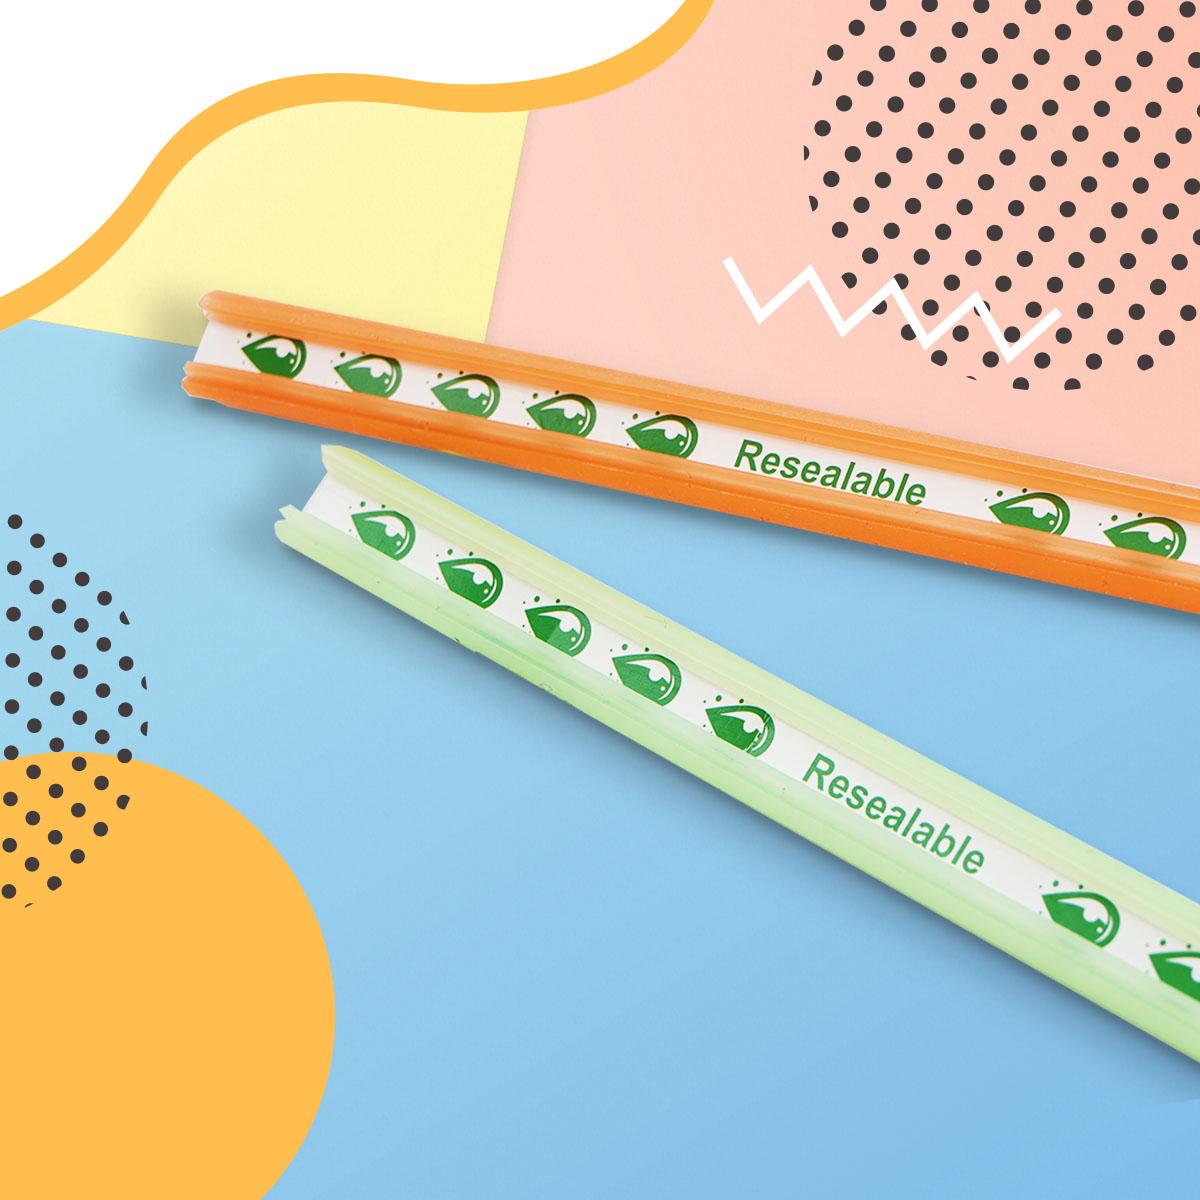 食品級矽飲管,可拆式設計一「啪」密封,用完又能攤開沖洗和晾乾,十分方便。